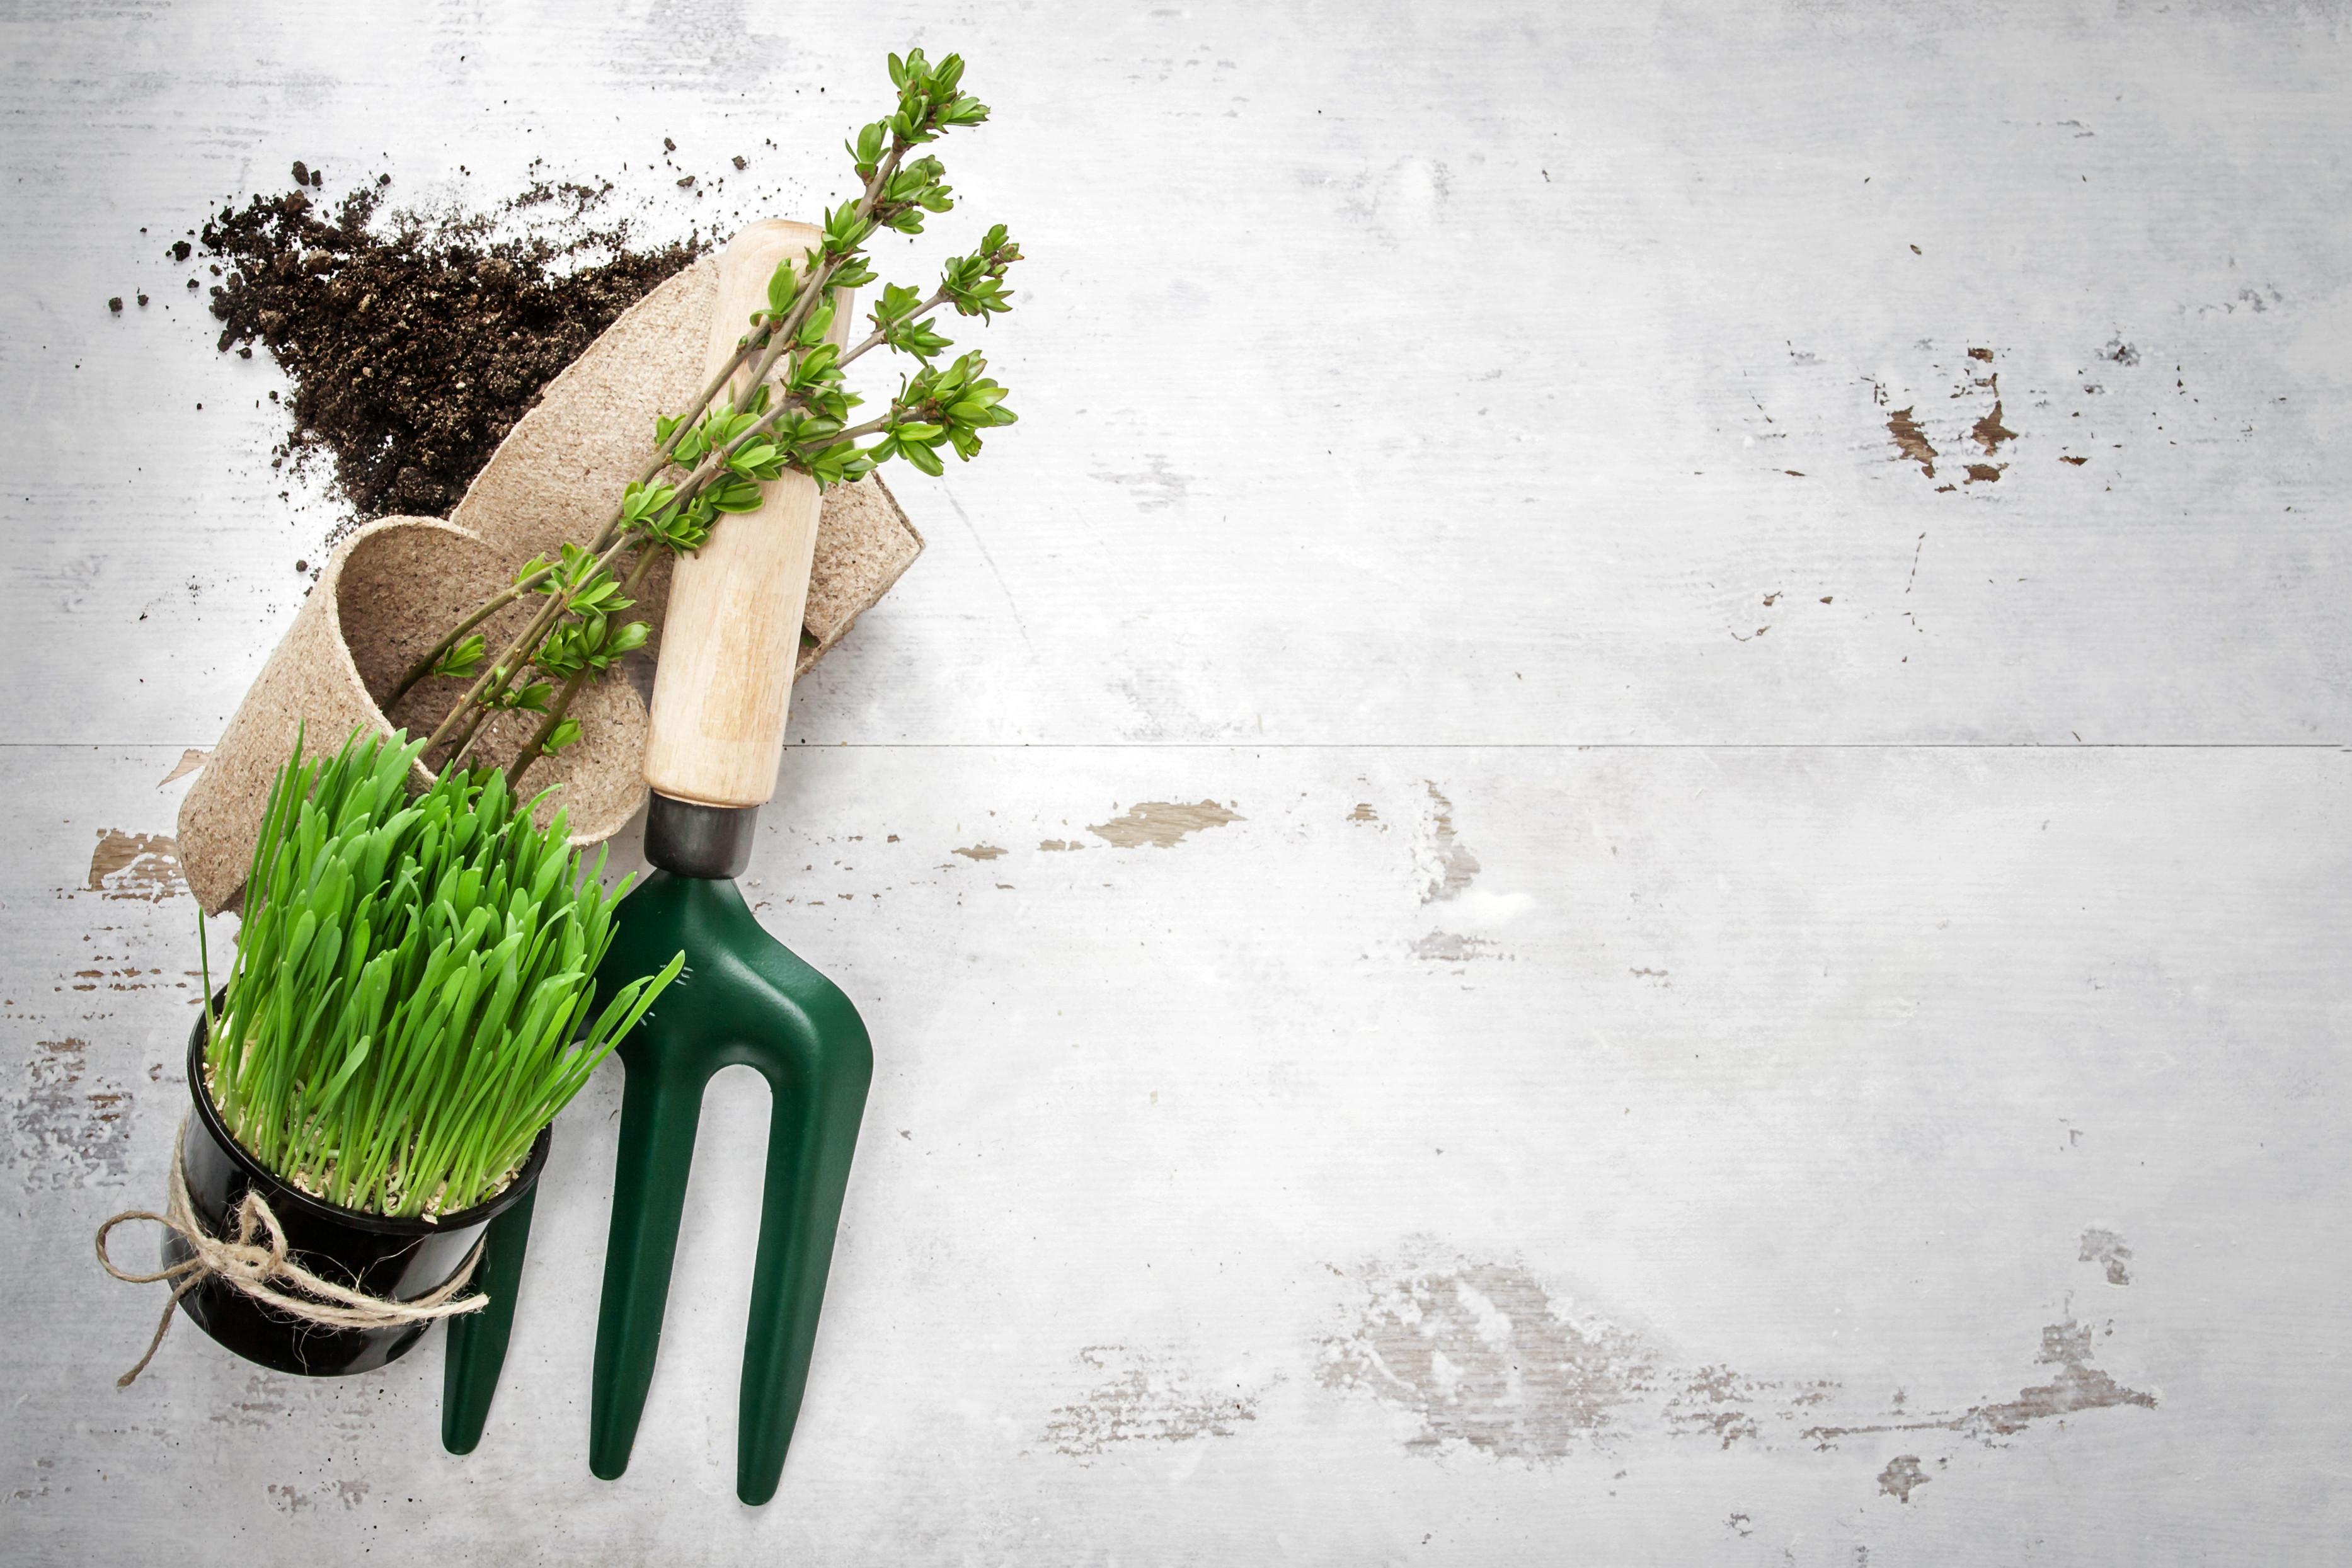 Mettez-vous au vert grâce aux objets publicitaires !